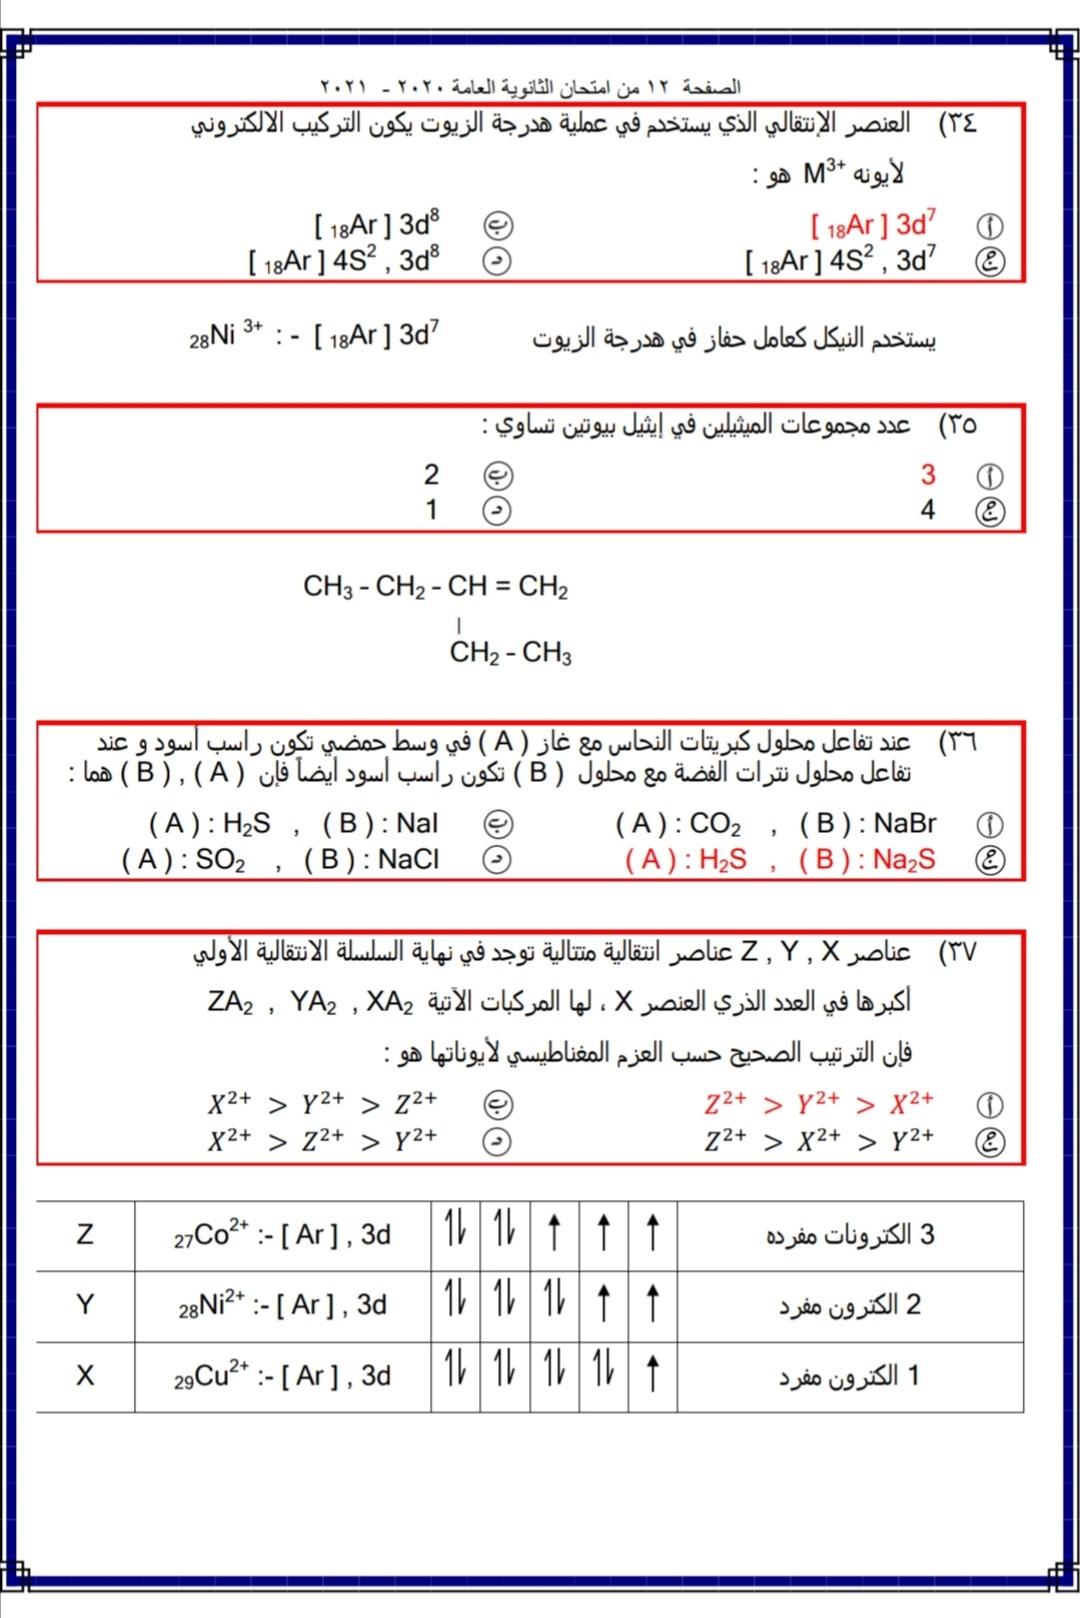 نموذج اجابة امتحان الكيمياء للثانوية العامة 2021 12